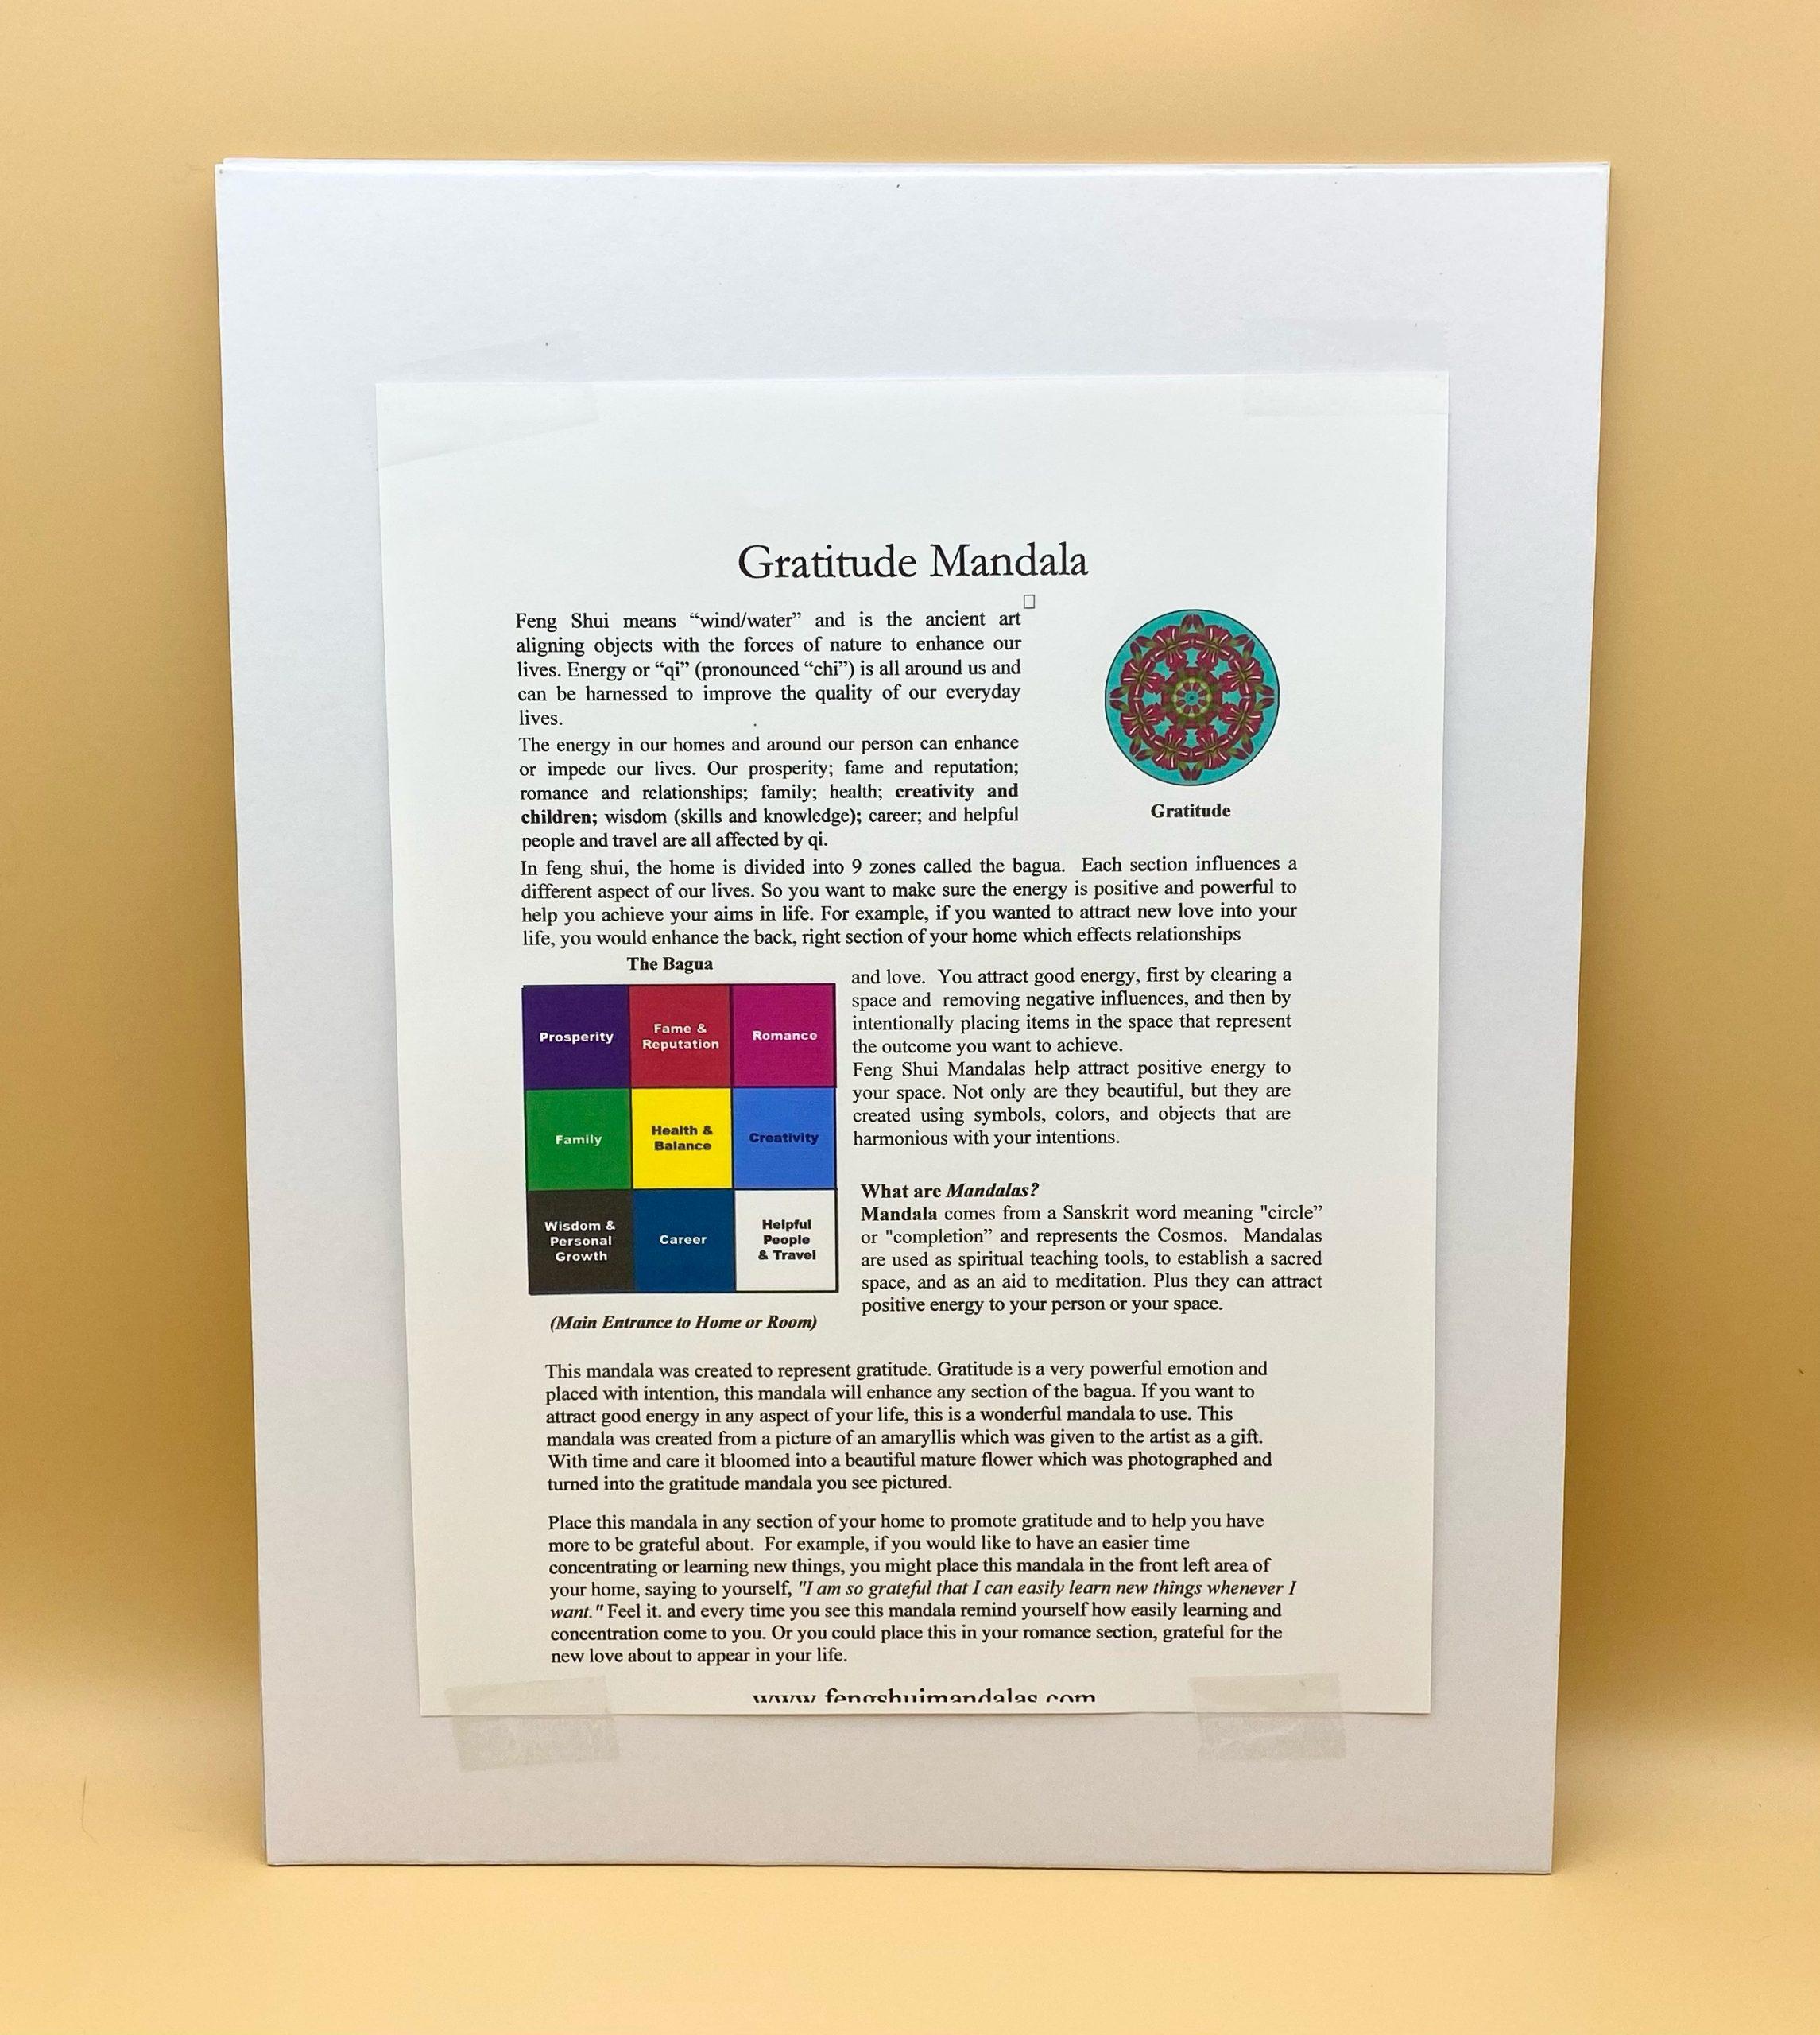 Gratitude Mandala Framed Print